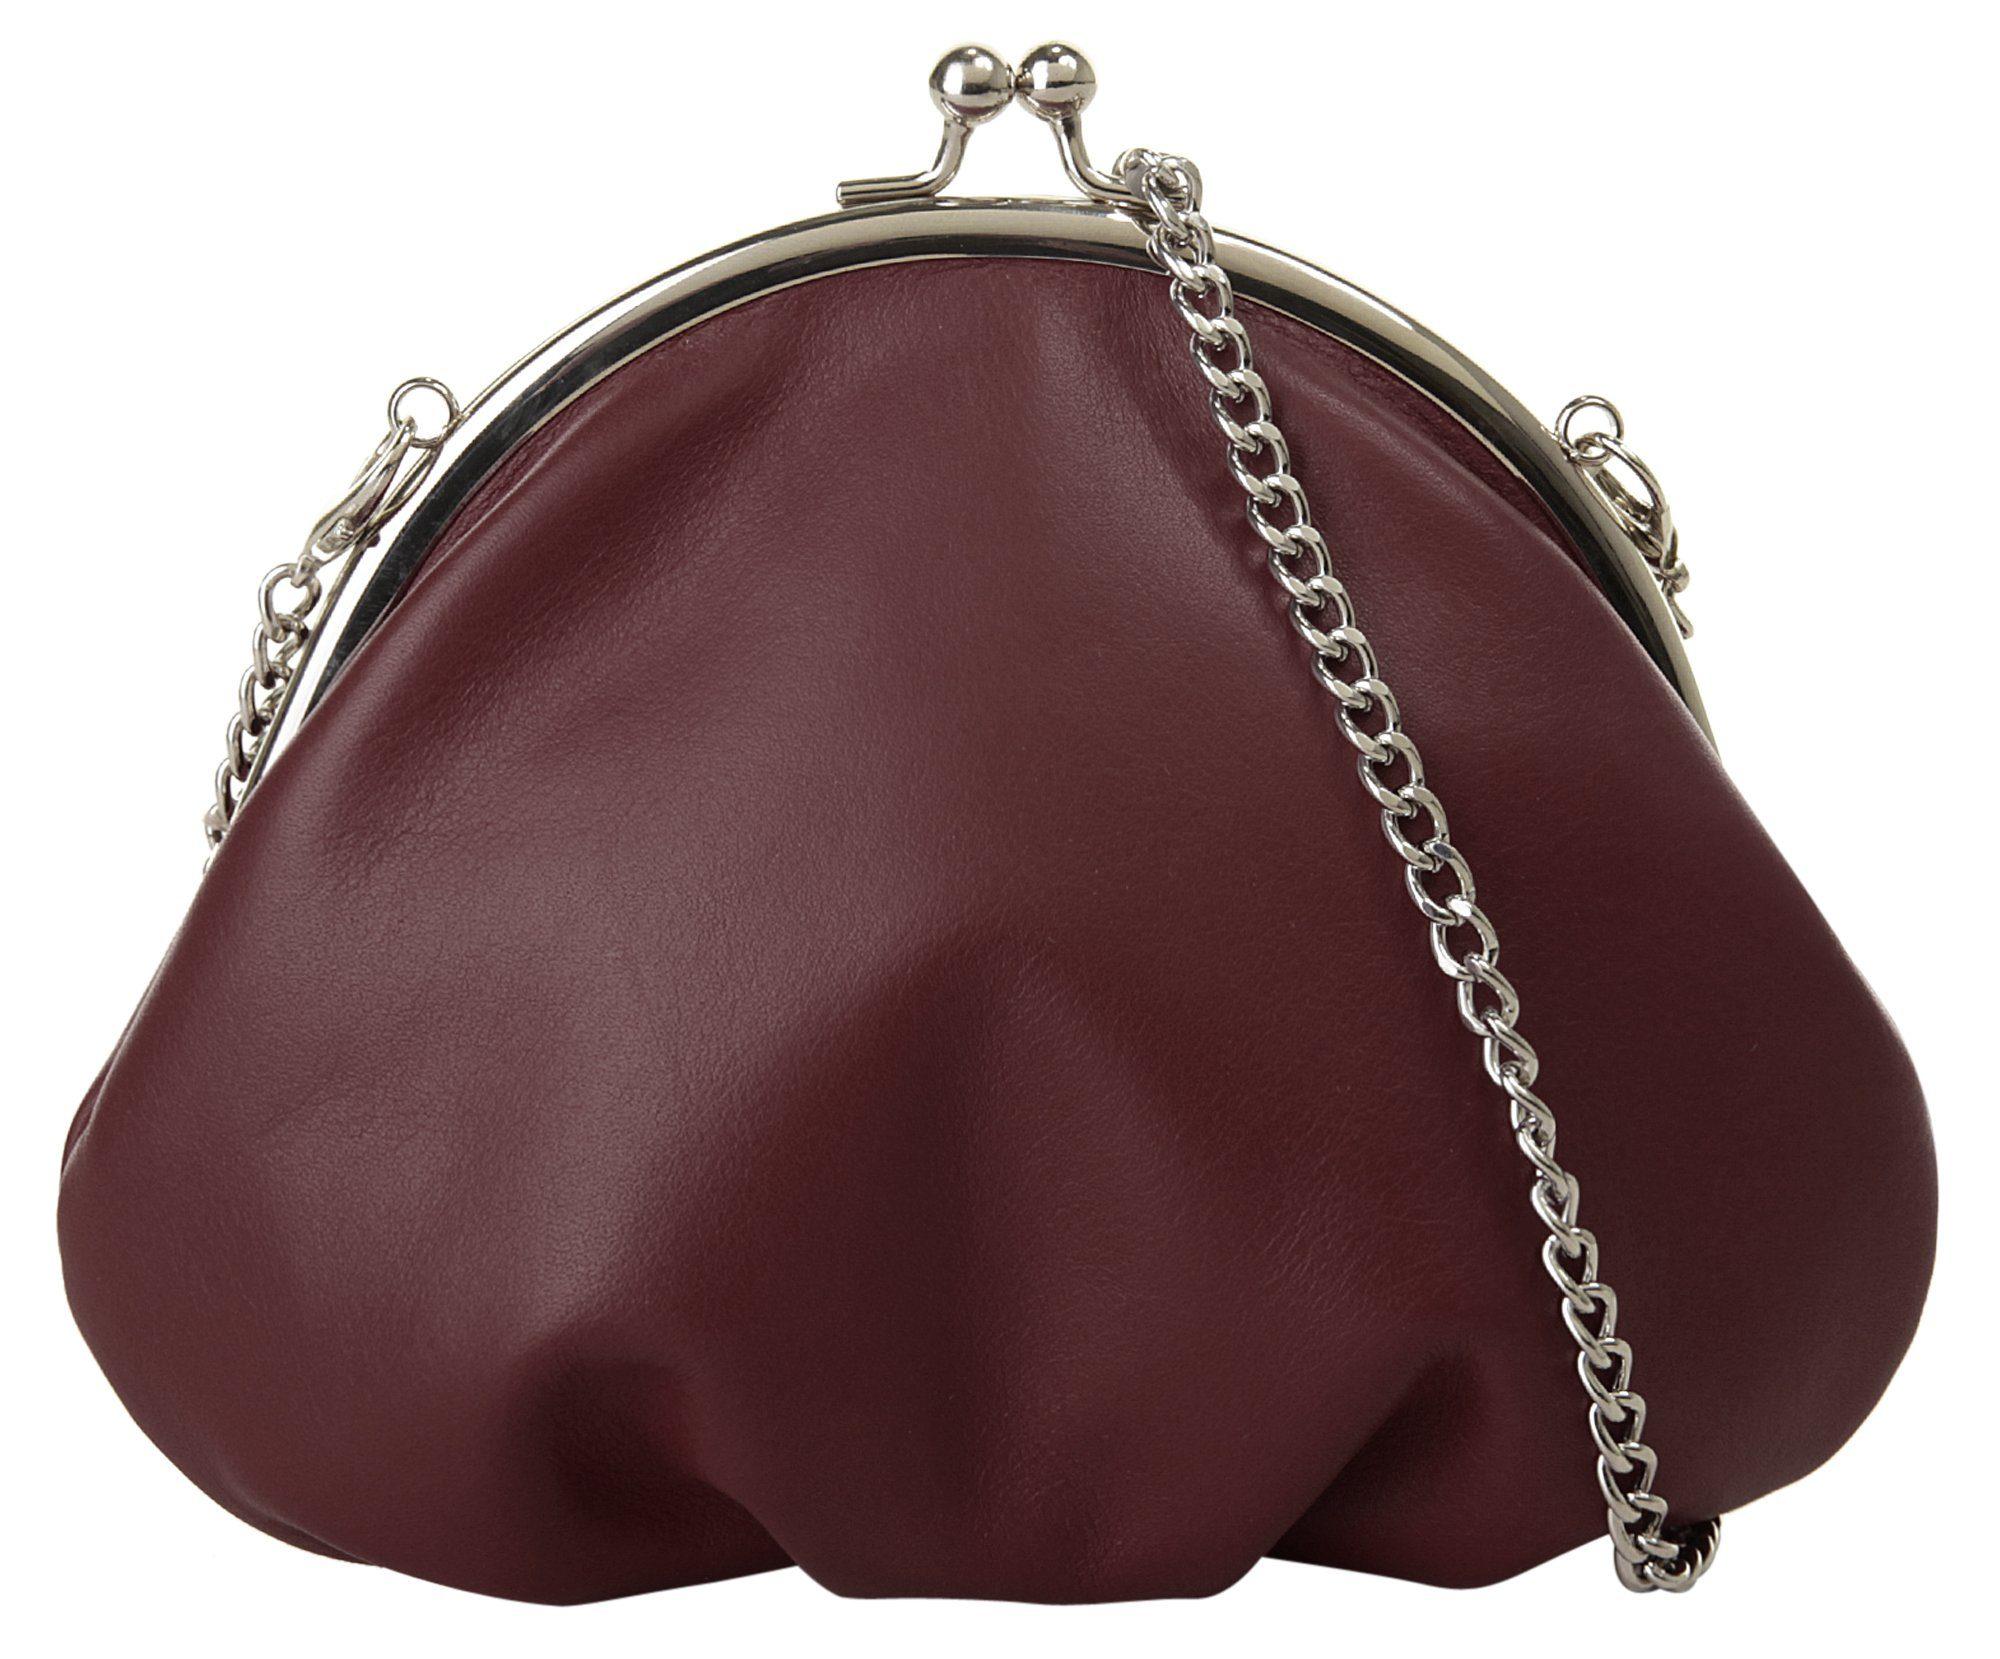 Tamaris Handtasche, Henkeltasche, Raffungen, 3 Farben: schwarz, nut braun antik oder taupe braun